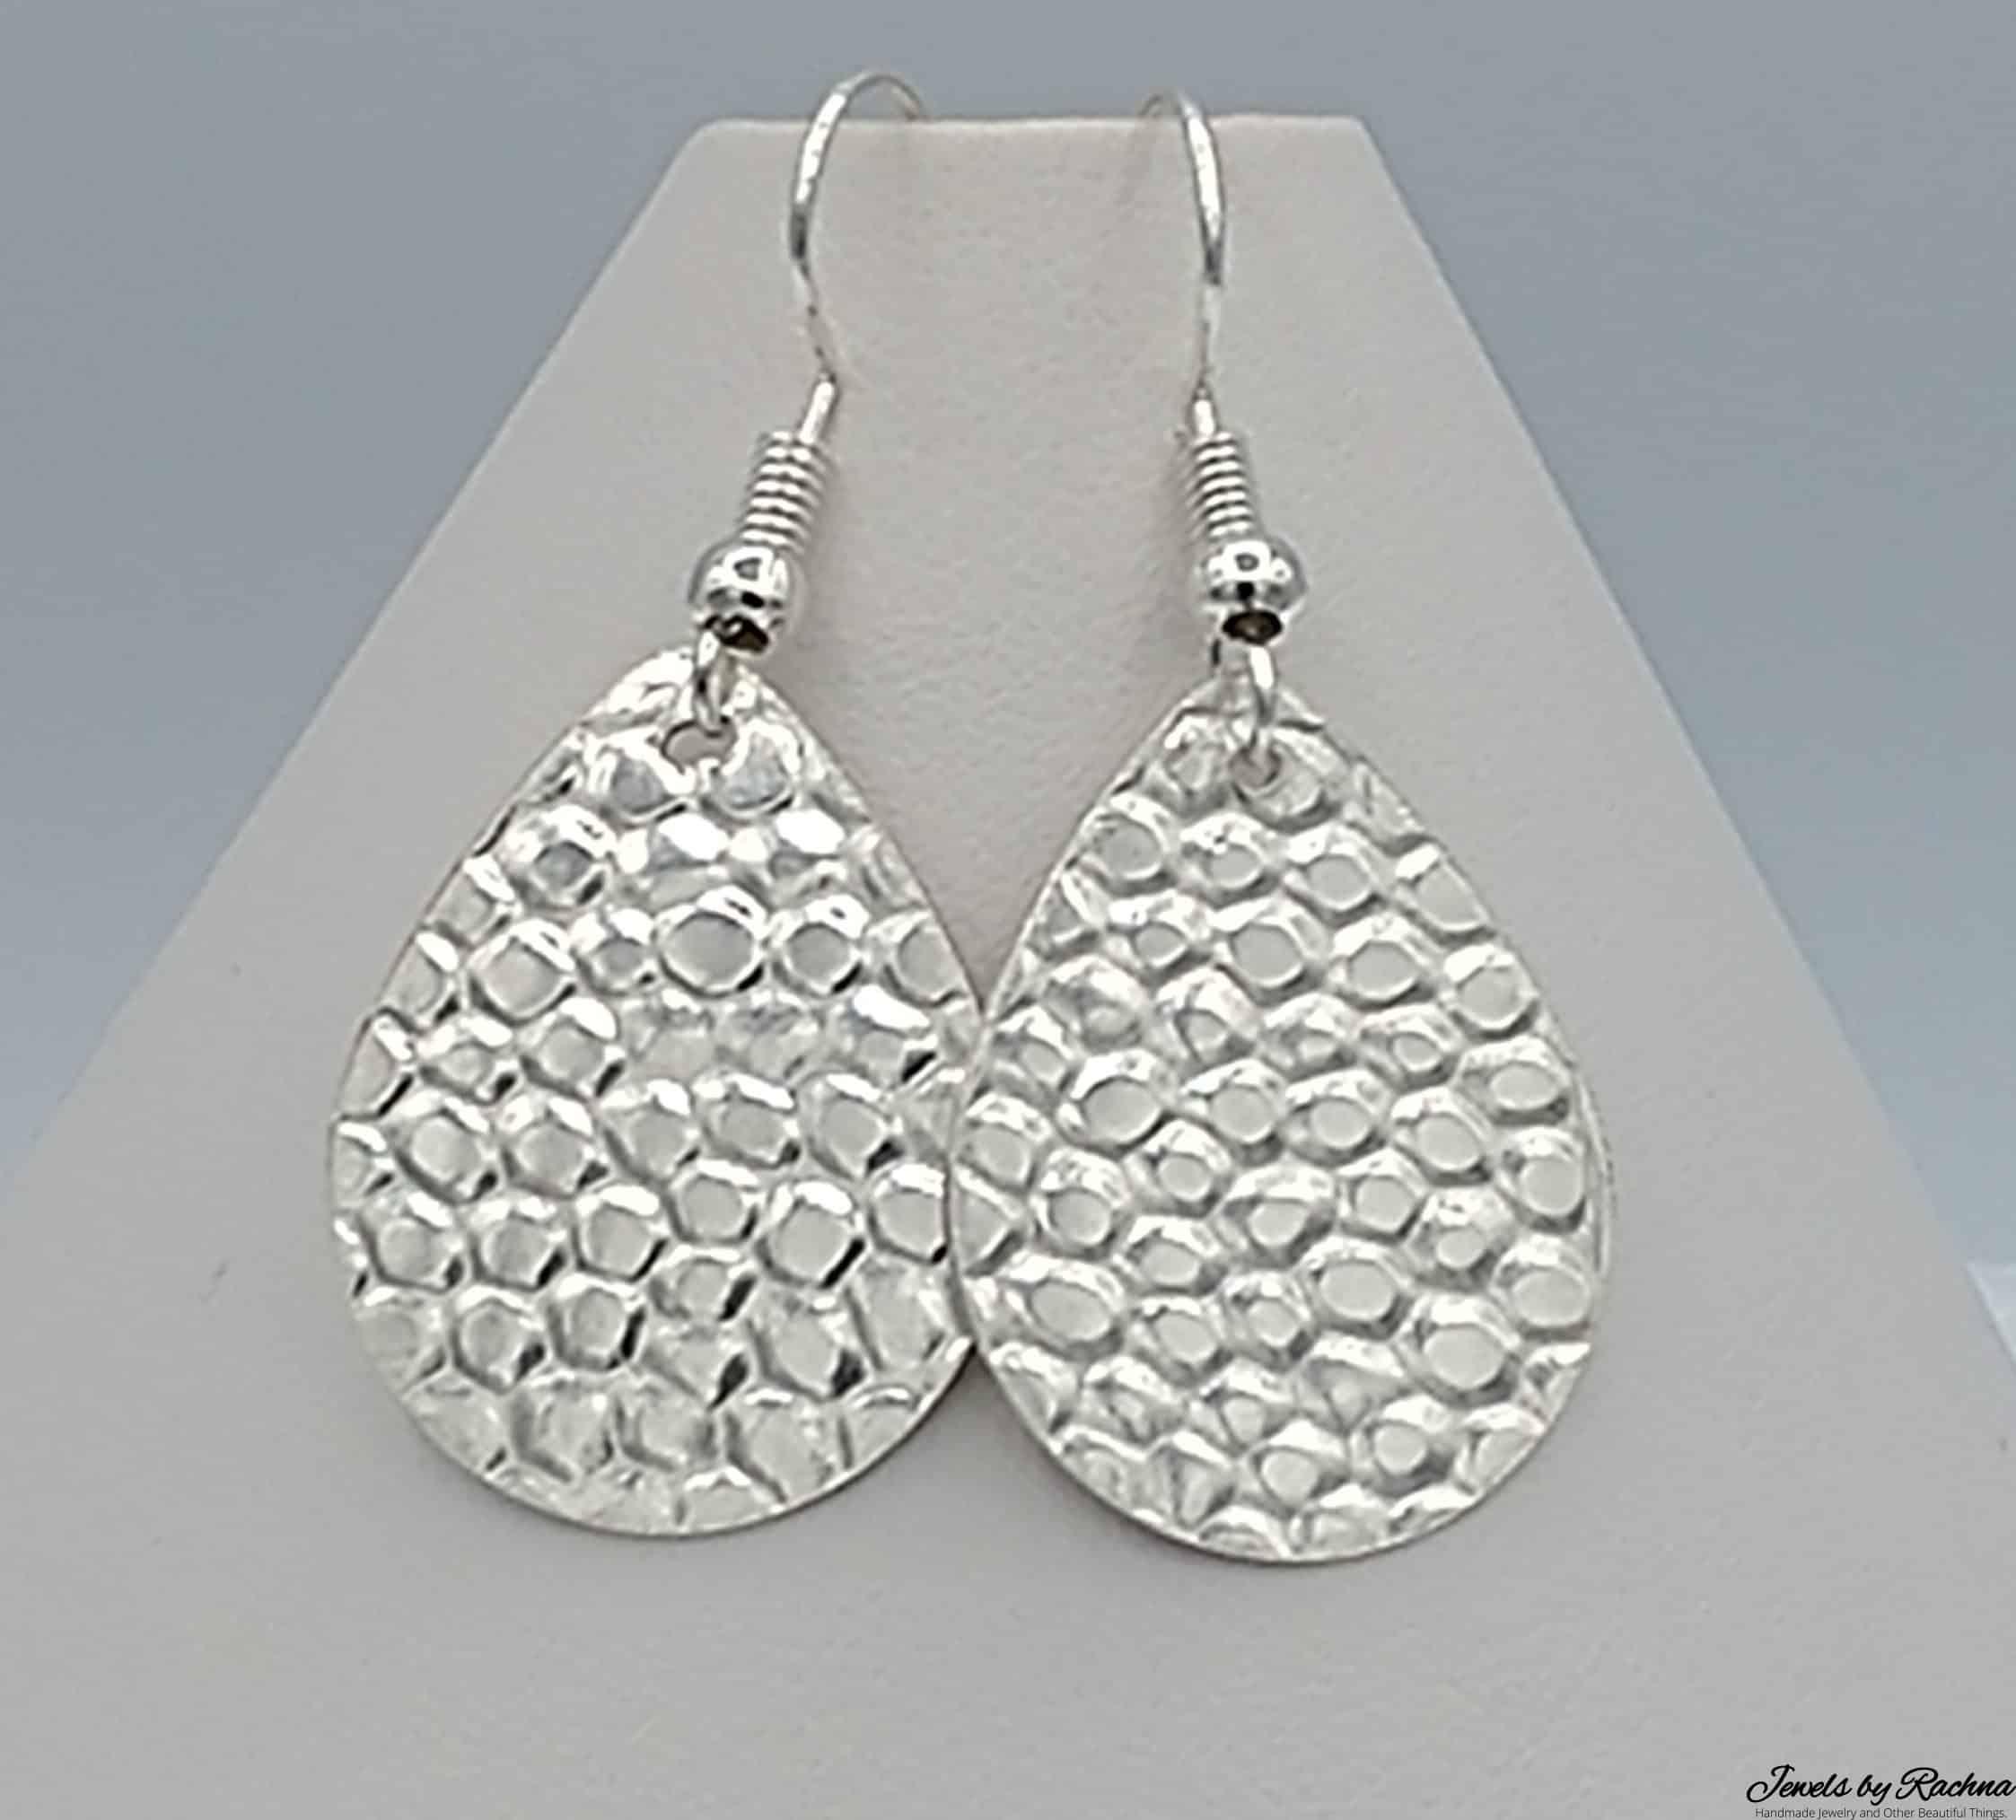 Pebble Texture Silver Earrings Teardrop